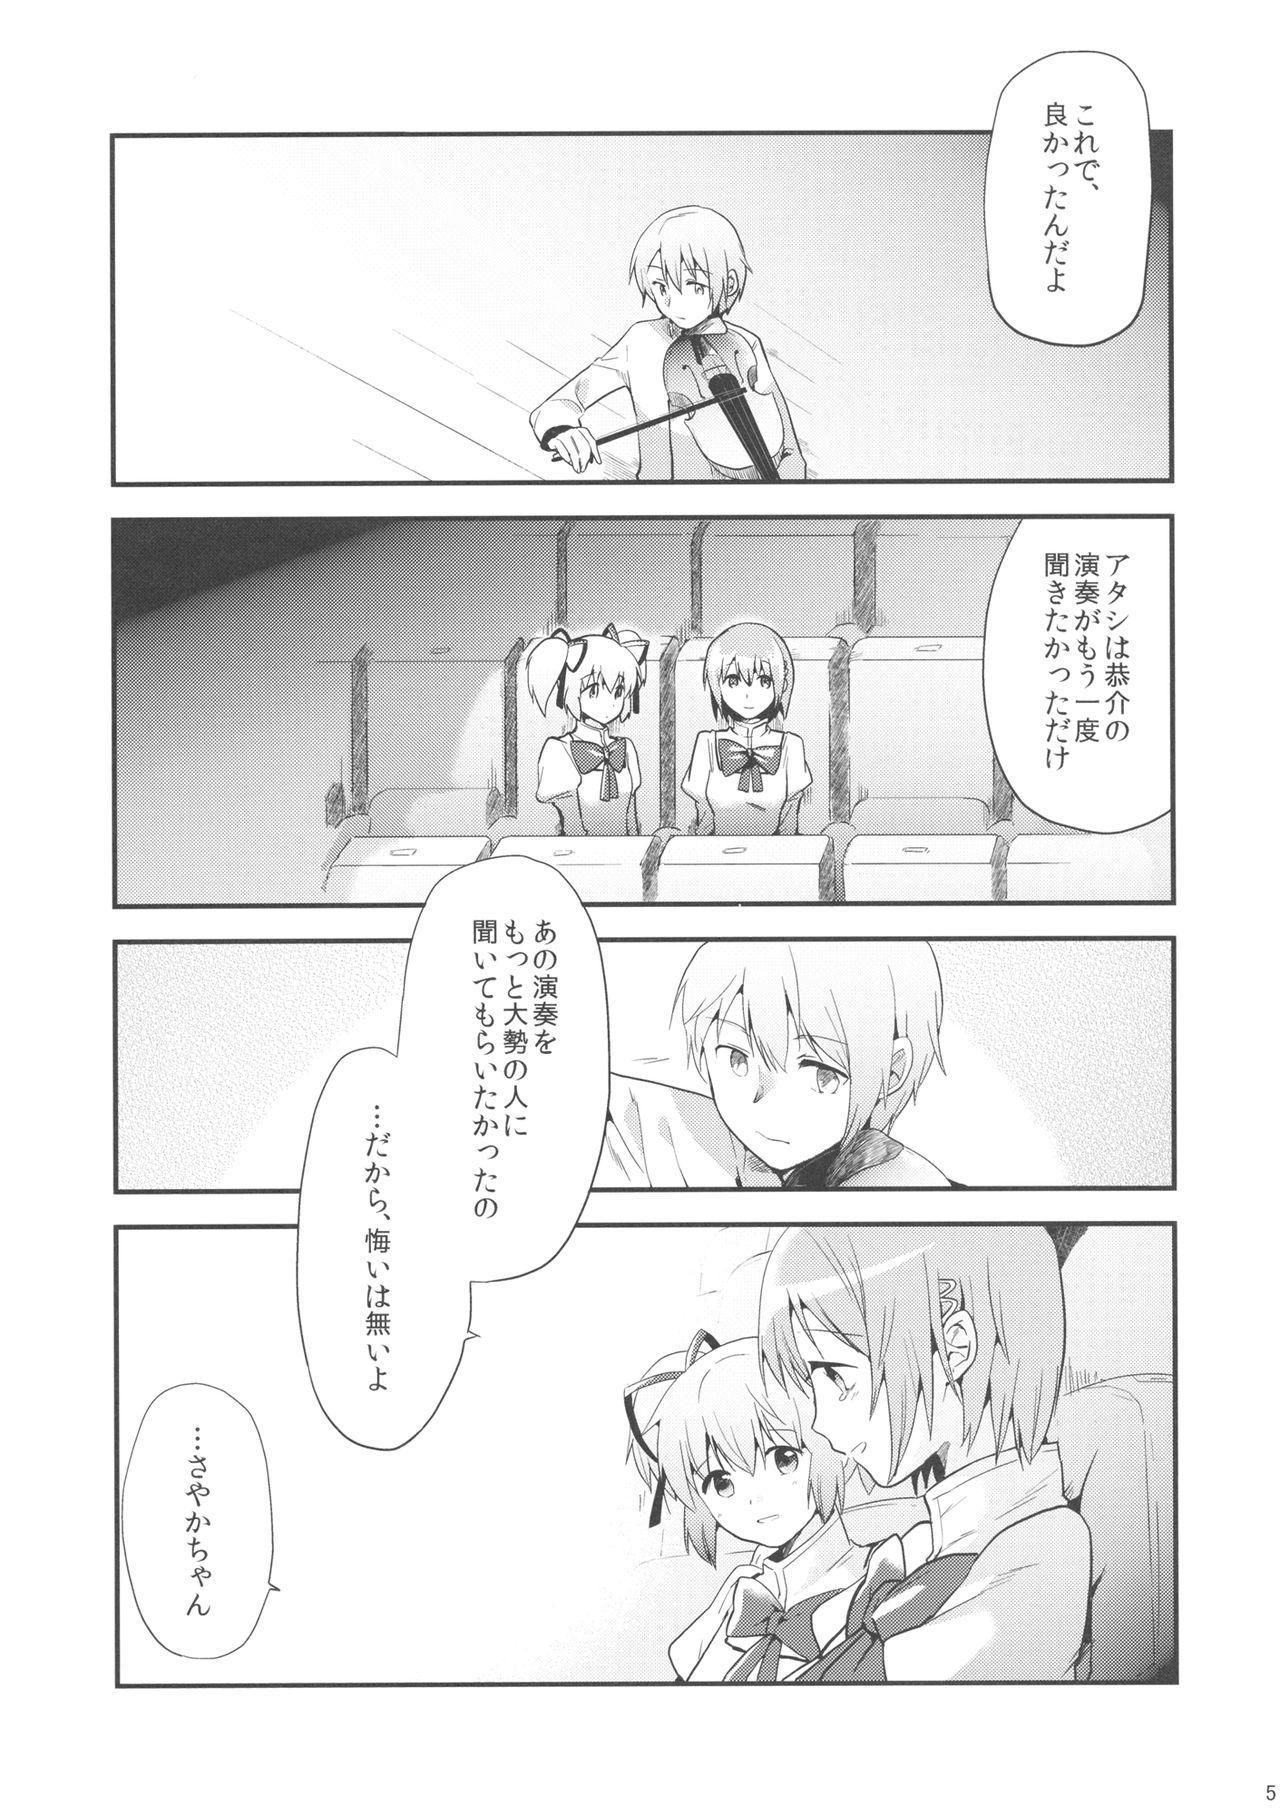 if Kanzenban 3